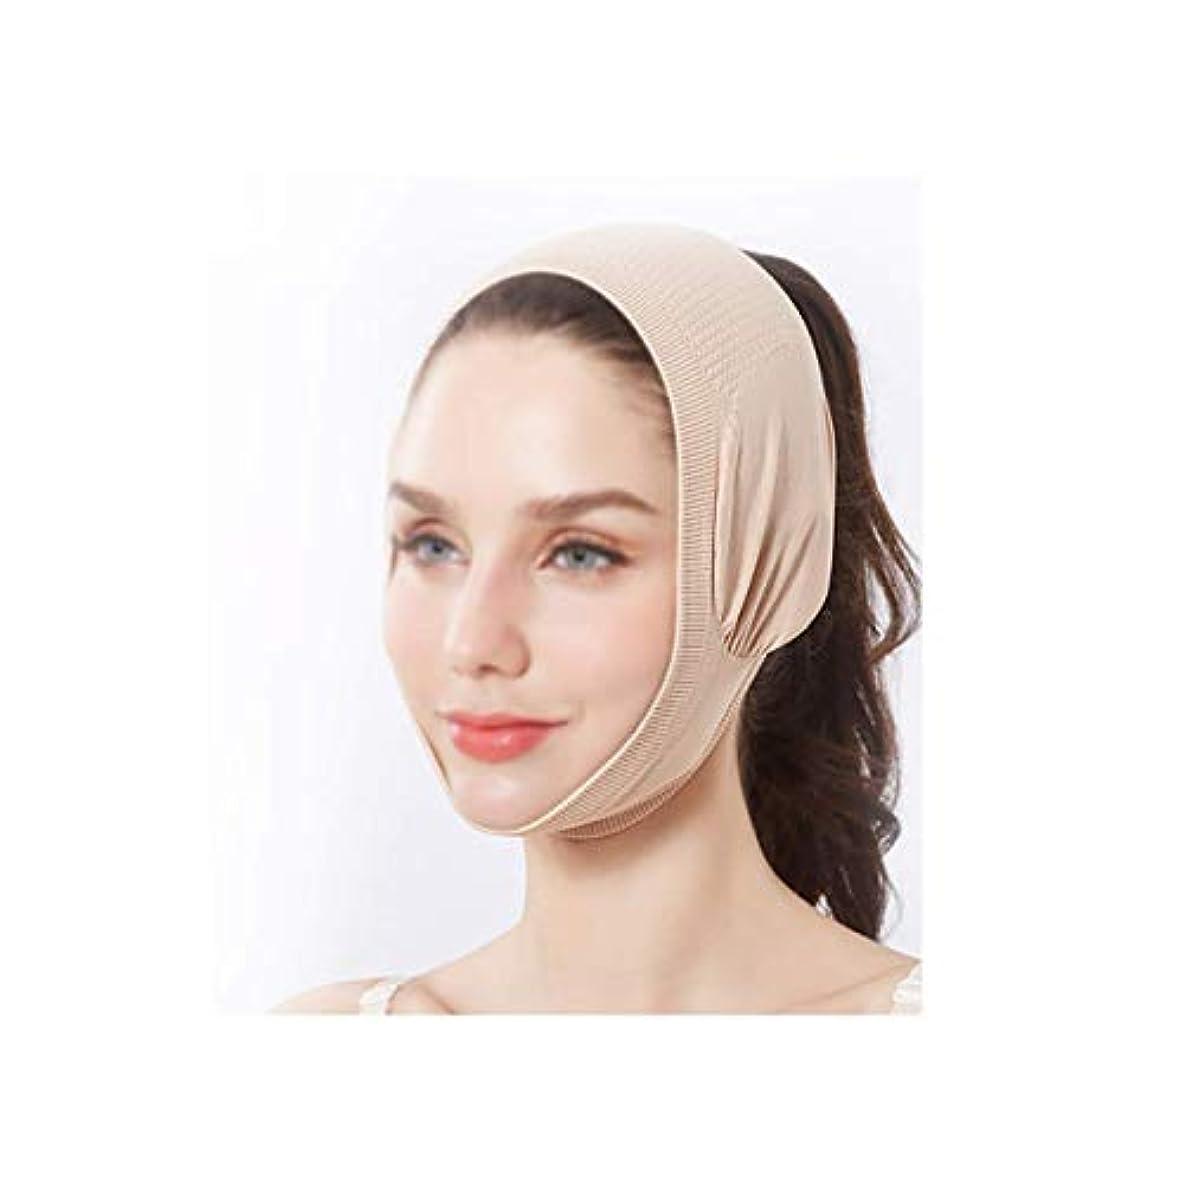 天気起きている剃るフェイスリフトマスク、フェイシャルマスクエクステンション強度フェイスレスバンデージバンディオンフェイスラージVラインカービングフェイスバックカバーネックストラップ(色:スキントーン)